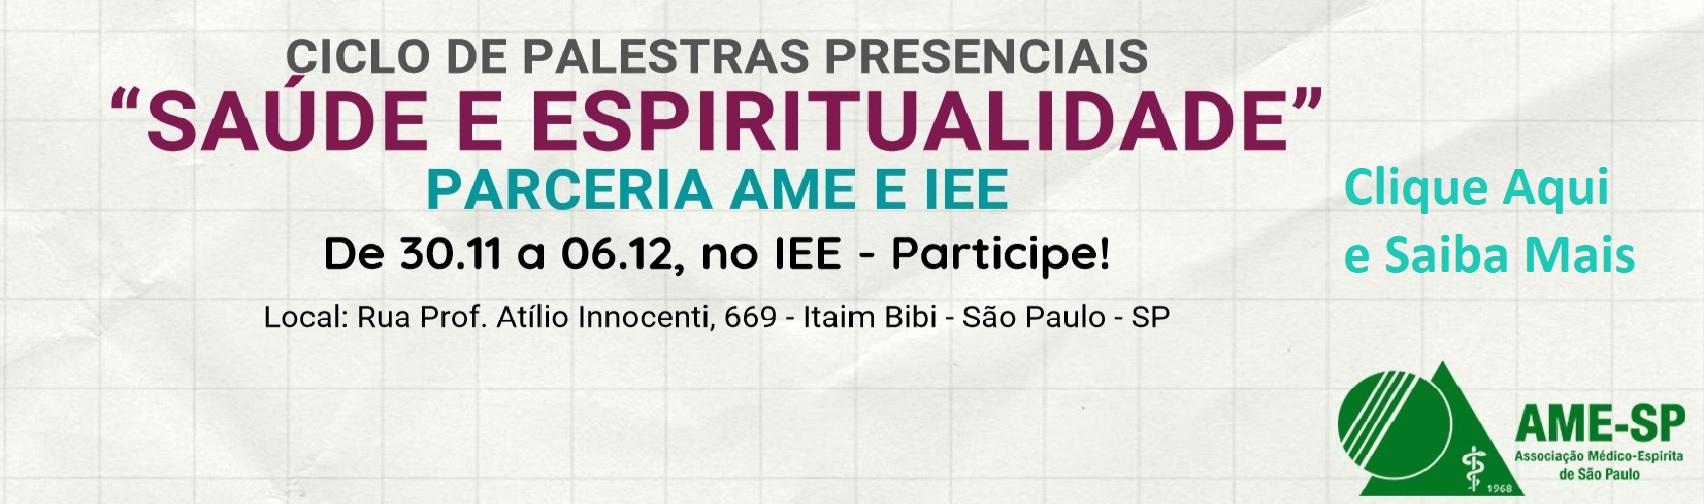 Banner_IEE_Saude&Espiritualidade_Rev4